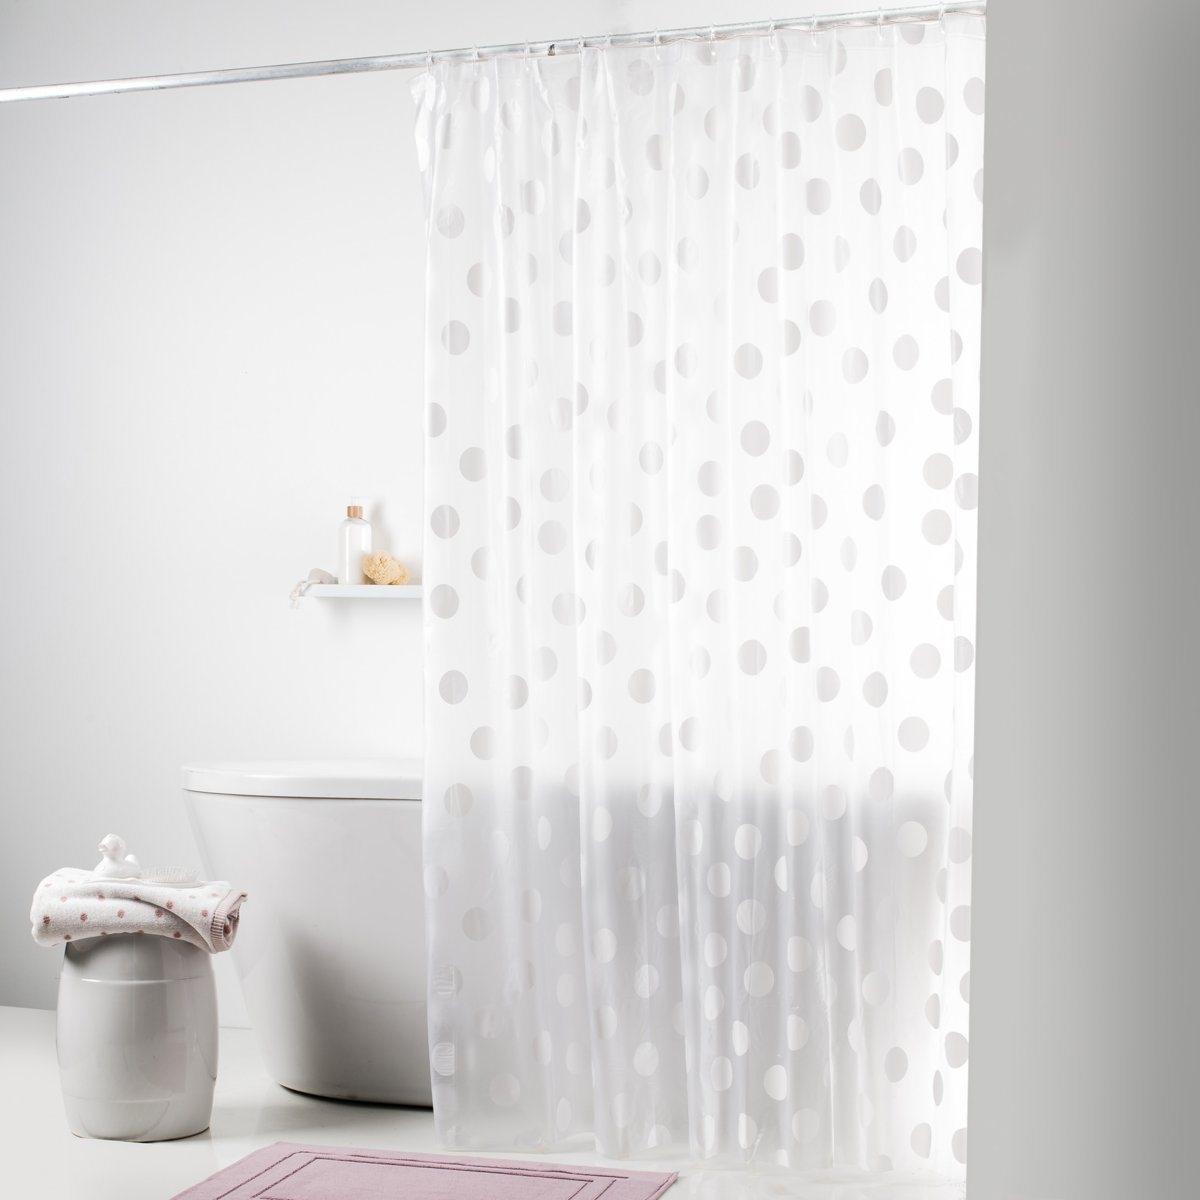 Штора для душаШтора Гольф в белый горошек на прозрачном фоне для современной ванной! 100% ПВХ. В комплекте прозрачные пластиковые крючки для крепления. Размер: высота 180 см, ширина 180 см.<br><br>Цвет: прозрачный